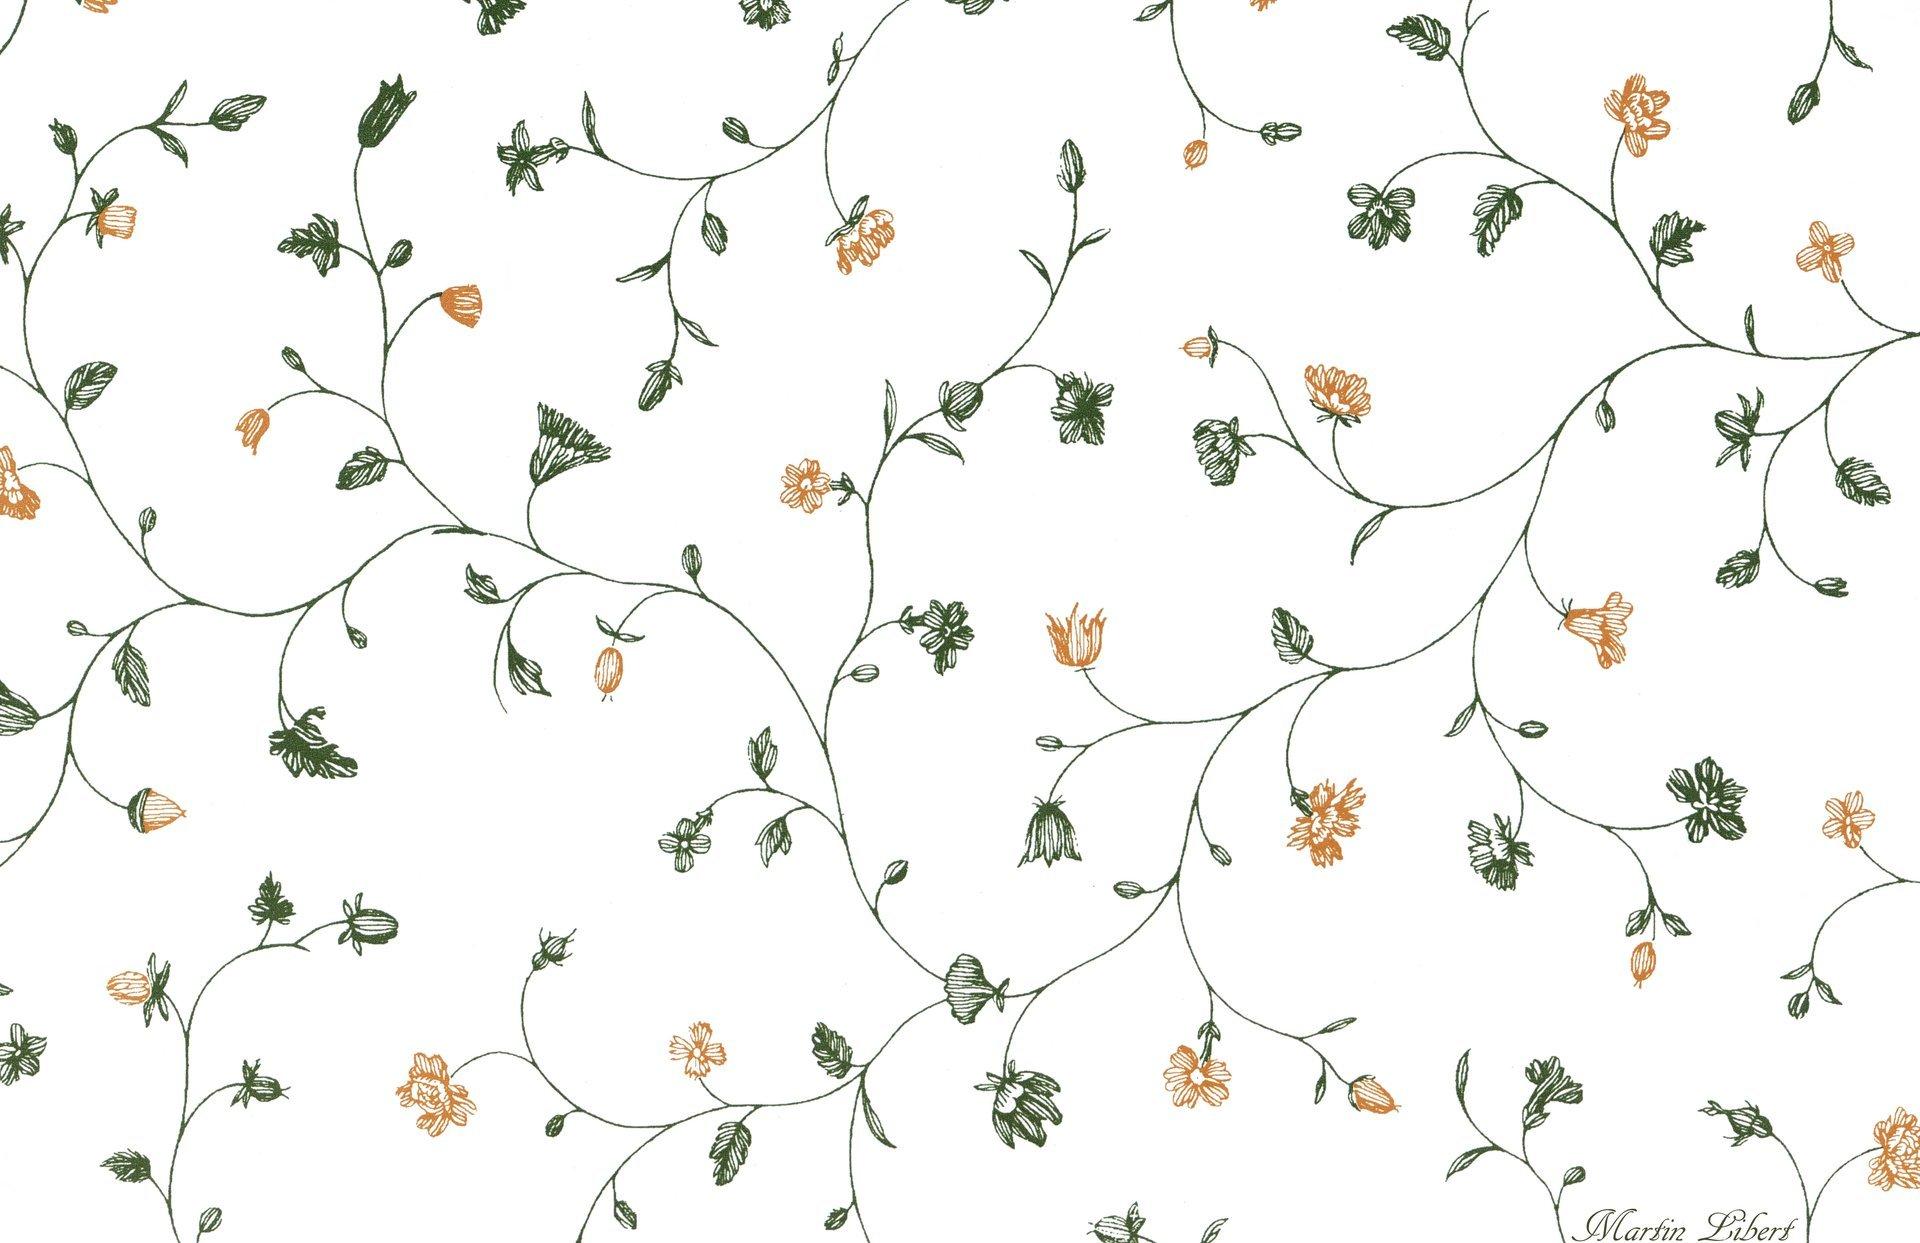 белый фон узор рисукок текстура уют цветы HD обои для ноутбука